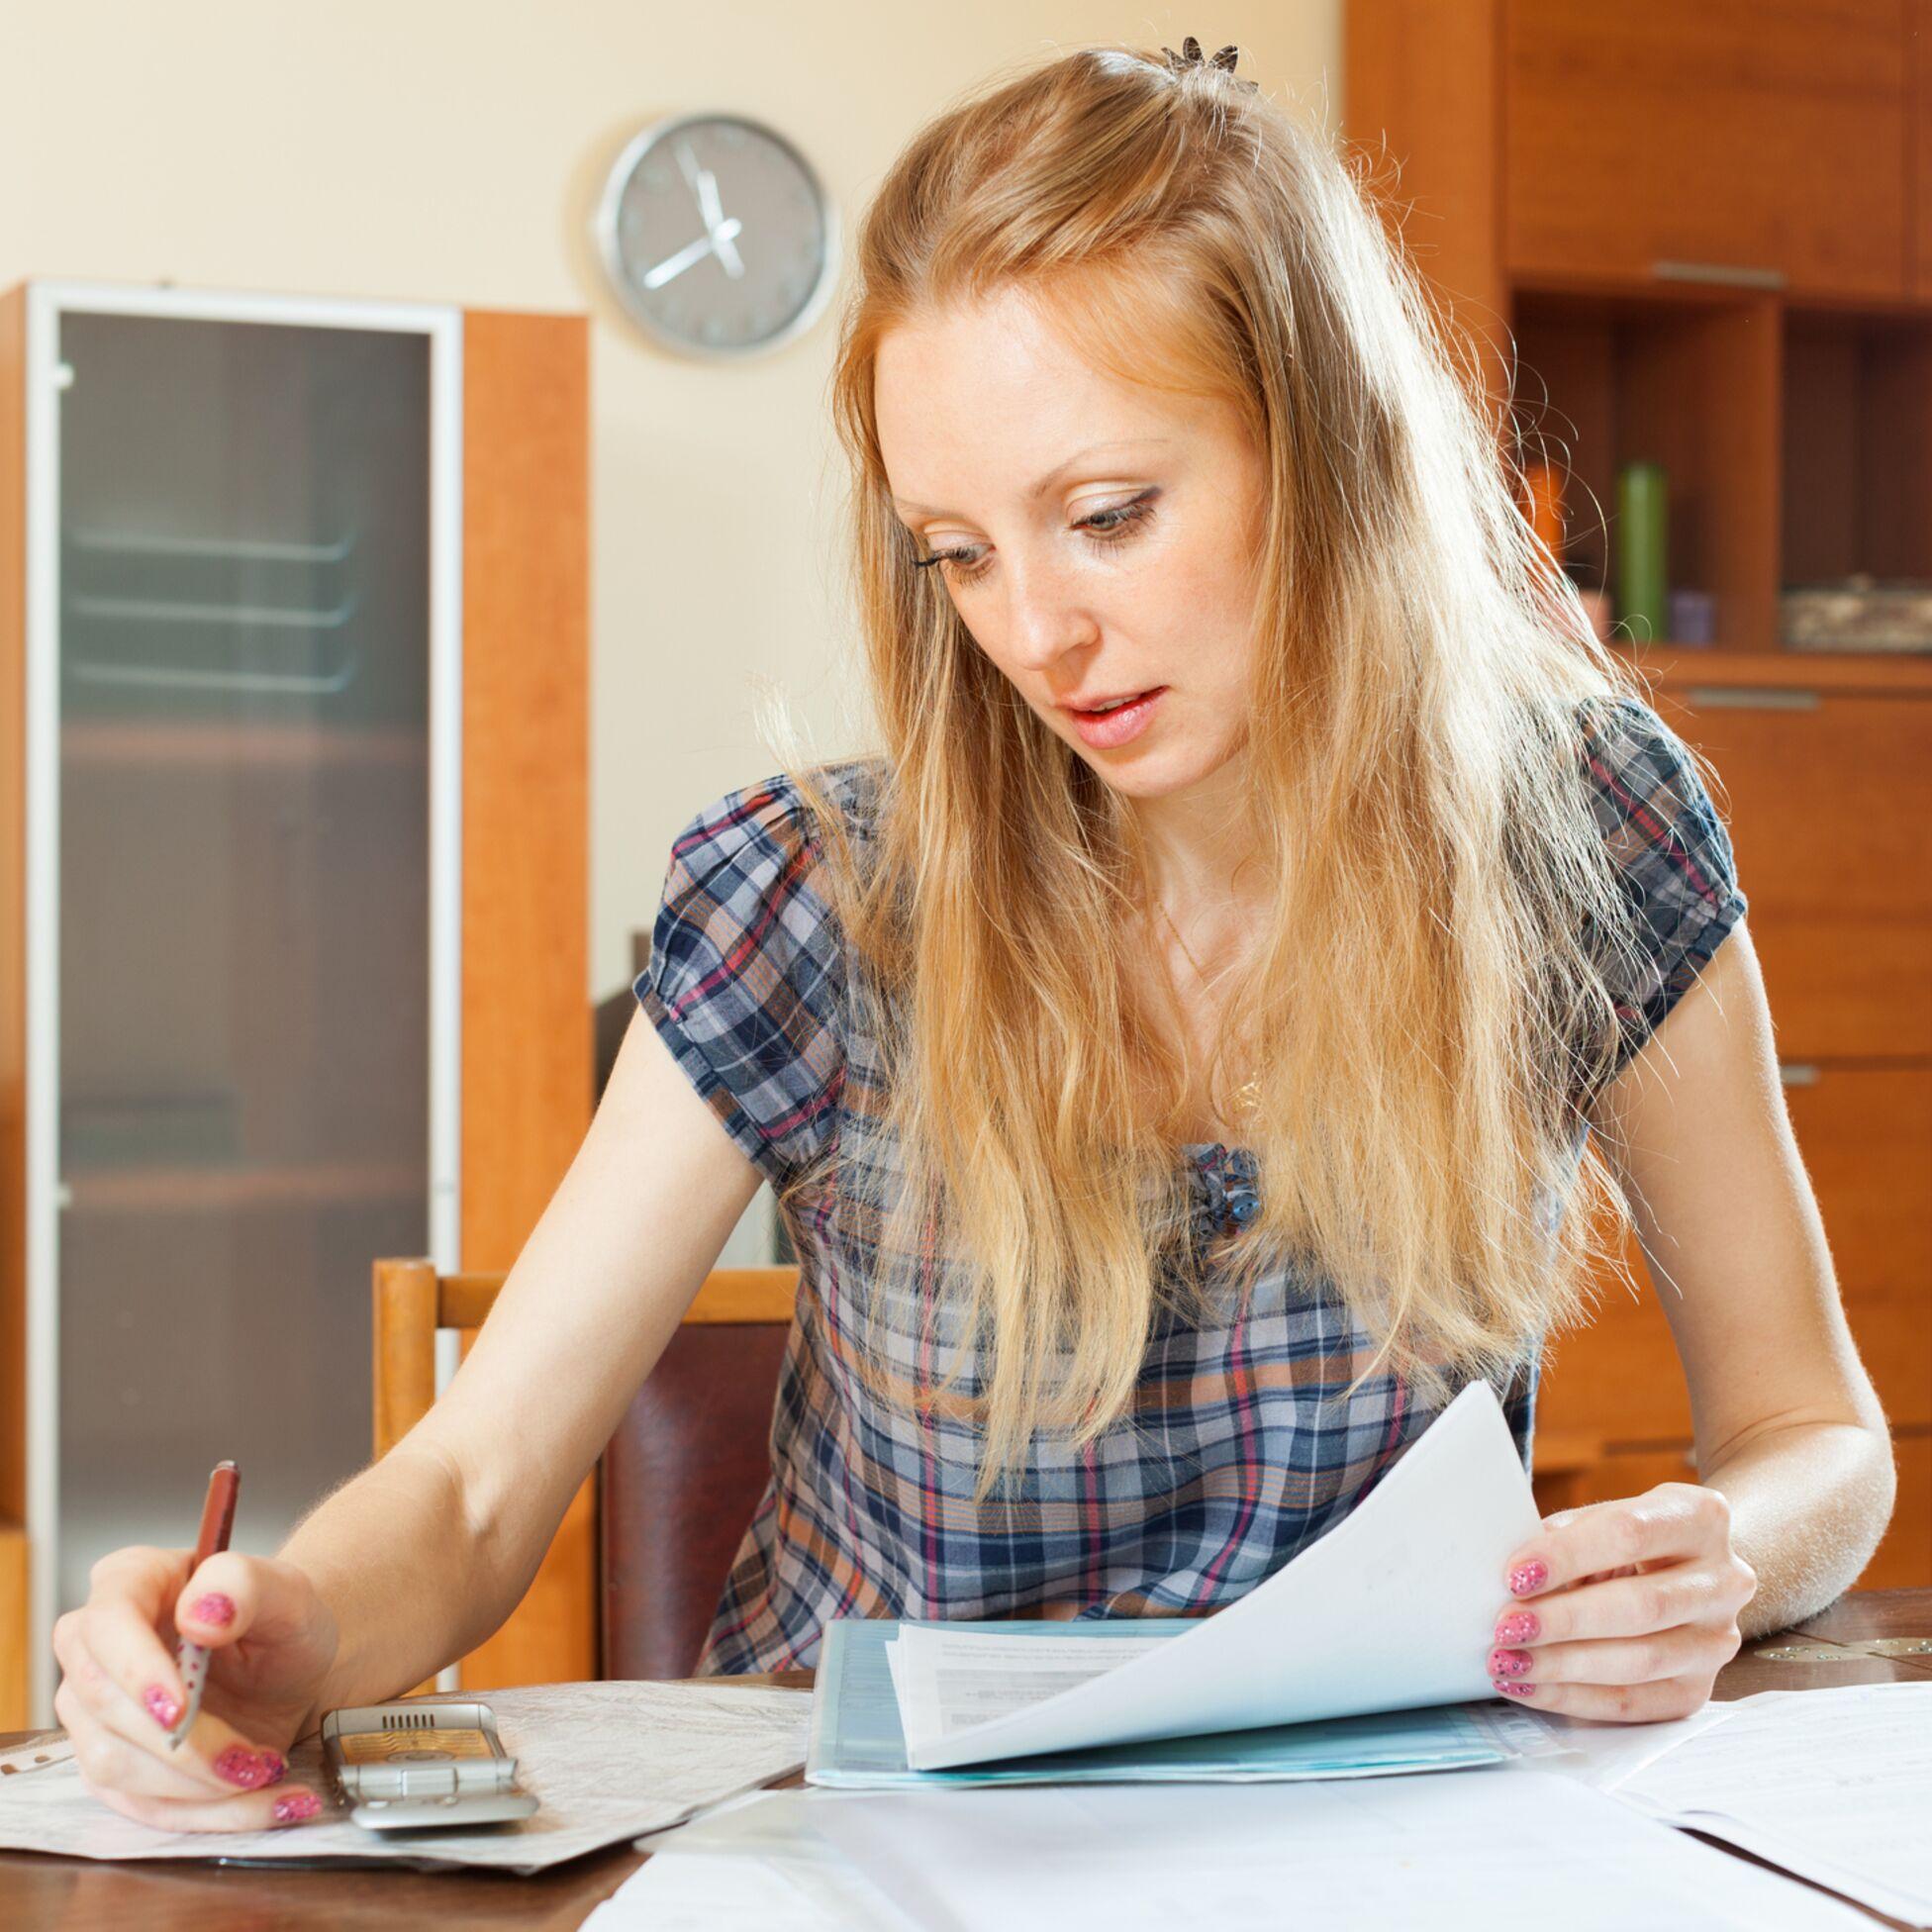 Frau füllt Formular zum Umzug aus